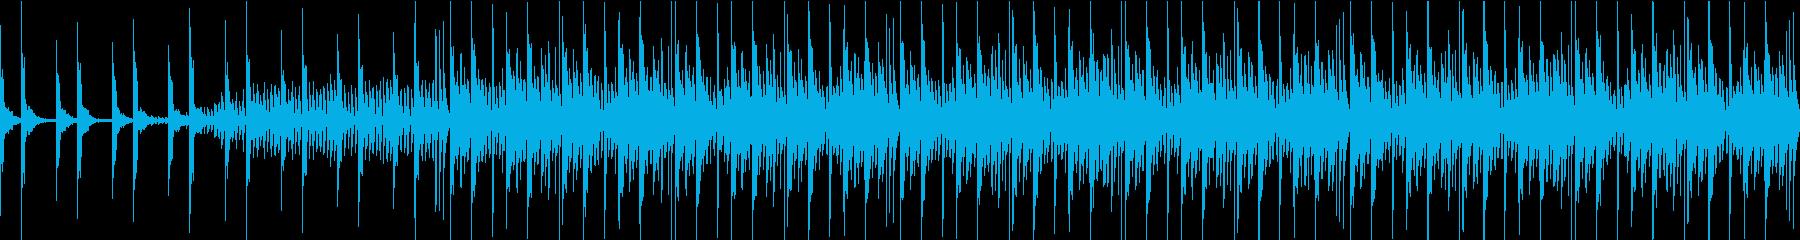 緊迫した場面を演出するループ曲の再生済みの波形